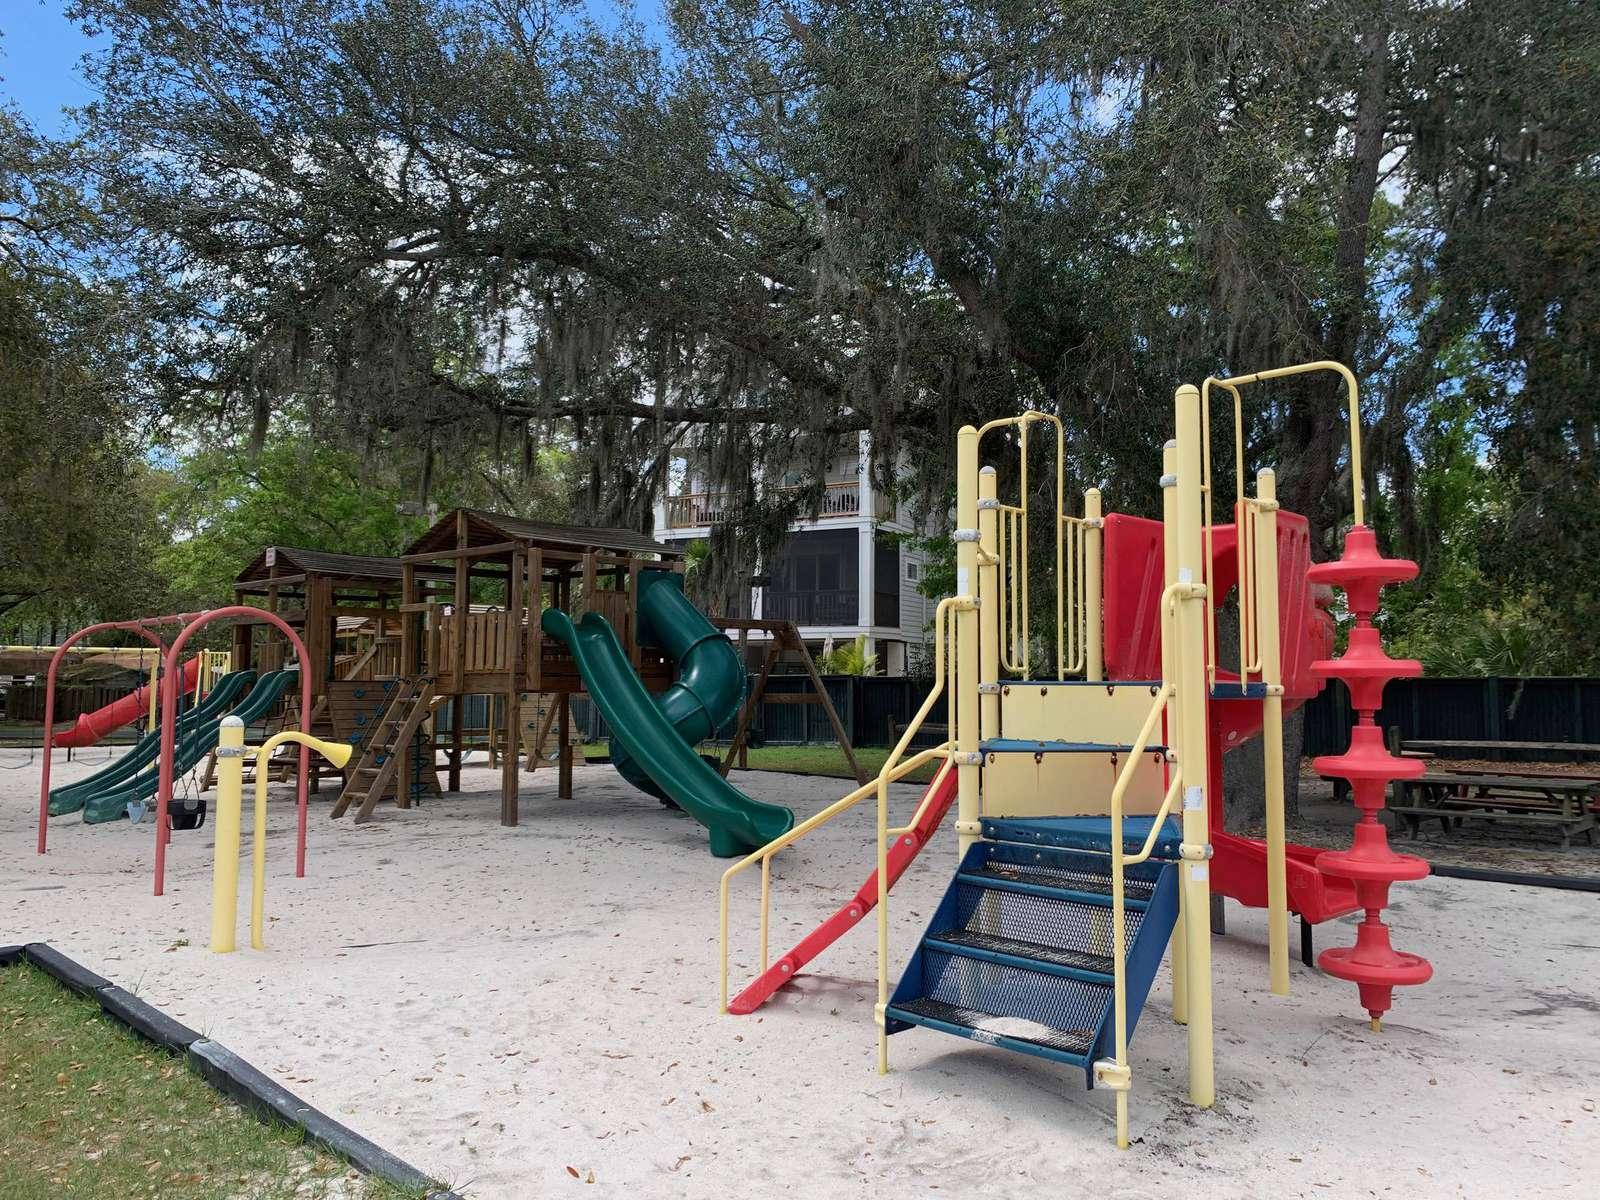 Playground at the Resort